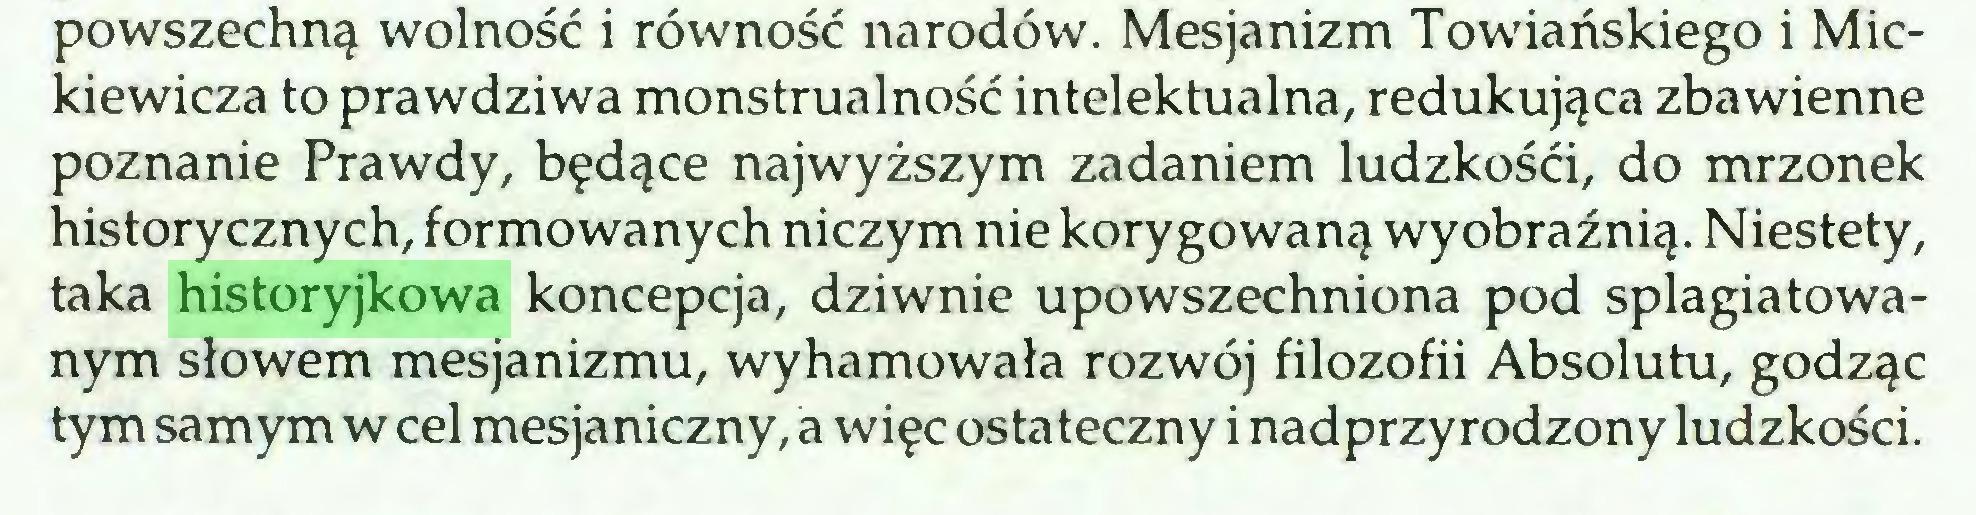 (...) powszechną wolność i równość narodów. Mesjanizm Towiańskiego i Mickiewicza to prawdziwa monstrualność intelektualna, redukująca zbawienne poznanie Prawdy, będące najwyższym zadaniem ludzkości, do mrzonek historycznych, formowanych niczym nie korygowaną wyobraźnią. Niestety, taka historyjkowa koncepcja, dziwnie upowszechniona pod splagiatowanym słowem mesjanizmu, wyhamowała rozwój filozofii Absolutu, godząc tym samym w cel mesjaniczny, a więc ostateczny i nadprzyrodzony ludzkości...